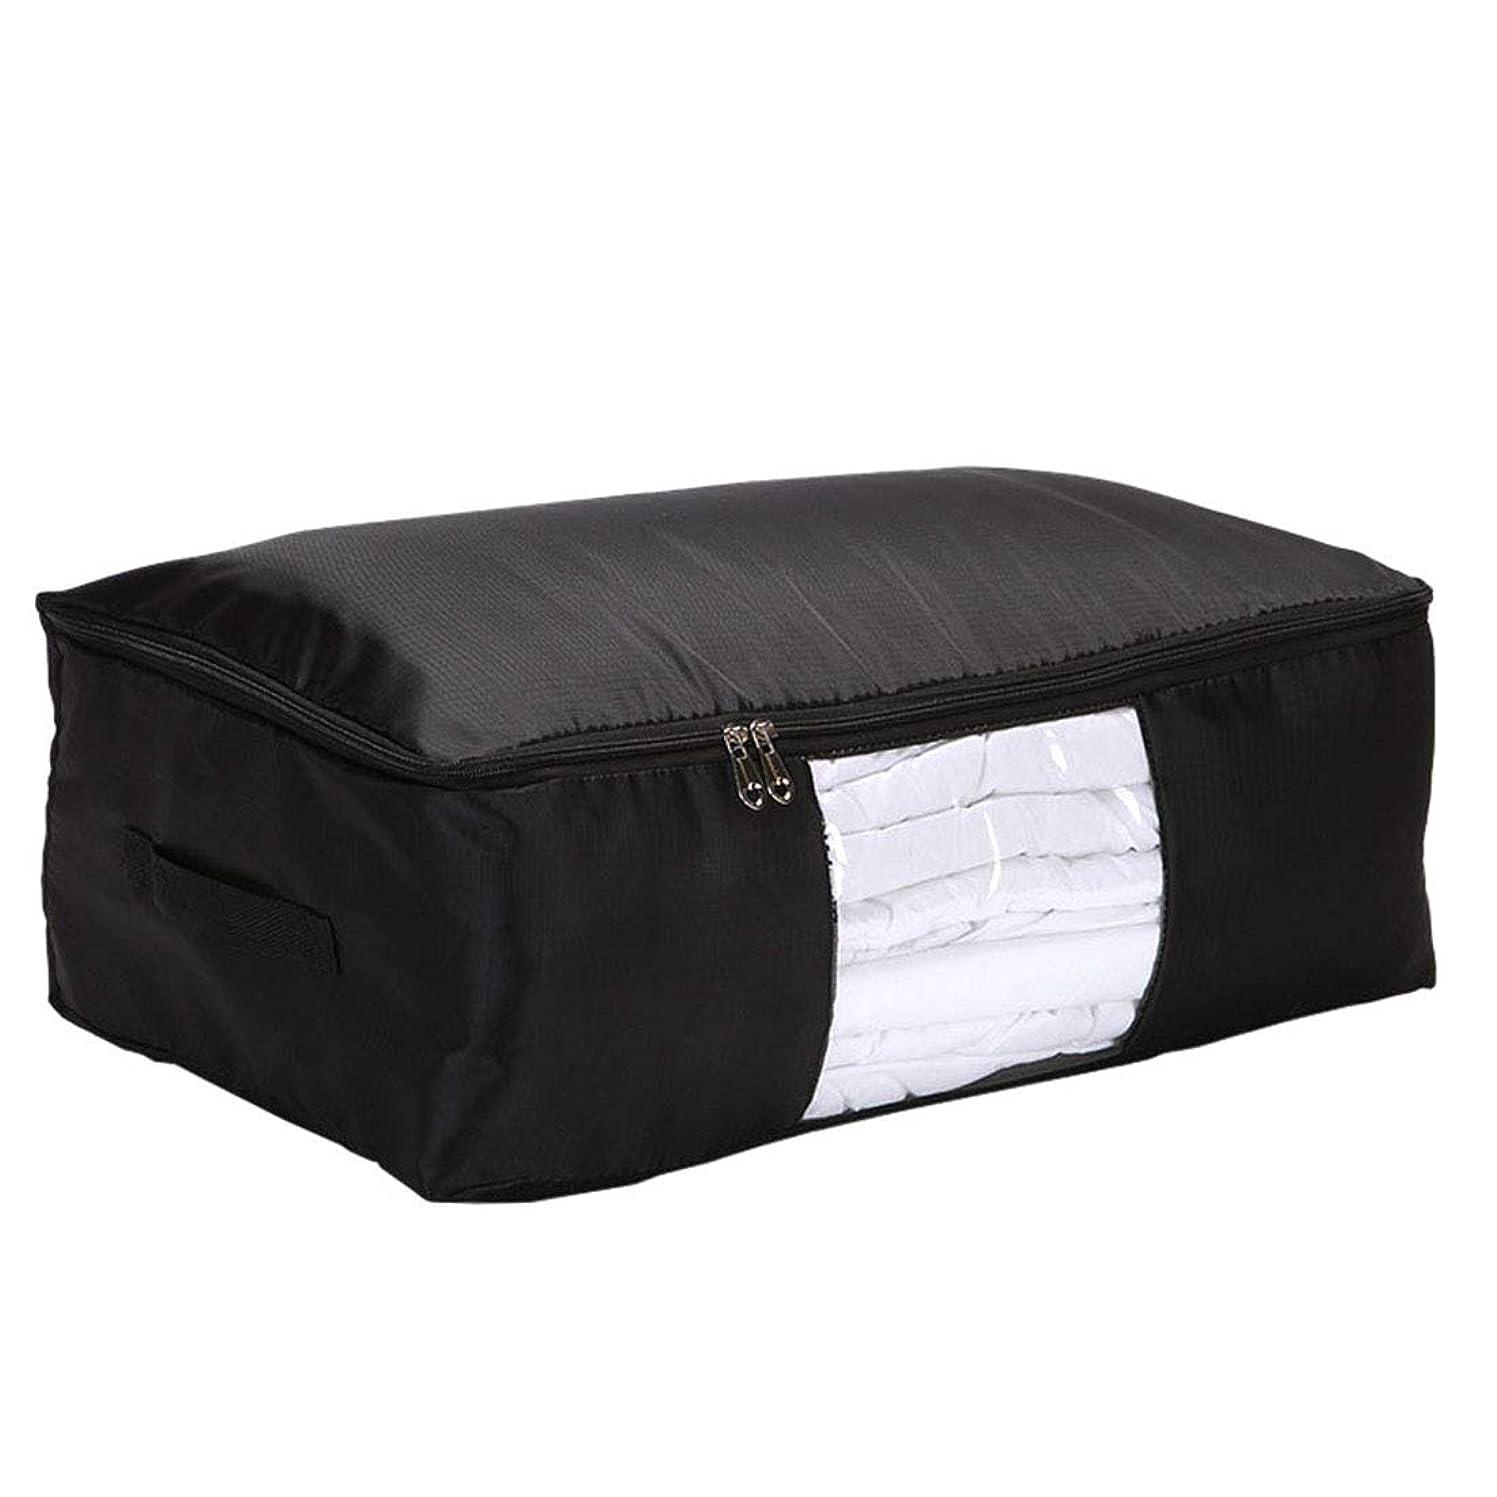 布団収納ケース 窓付き ふとん 布団収納バッグ コンパクト 羽毛布団 収納ケース スリム 収納袋 布団袋 毛布 衣類整理に 持ち手付きブラック Lサイズ Xianheng1